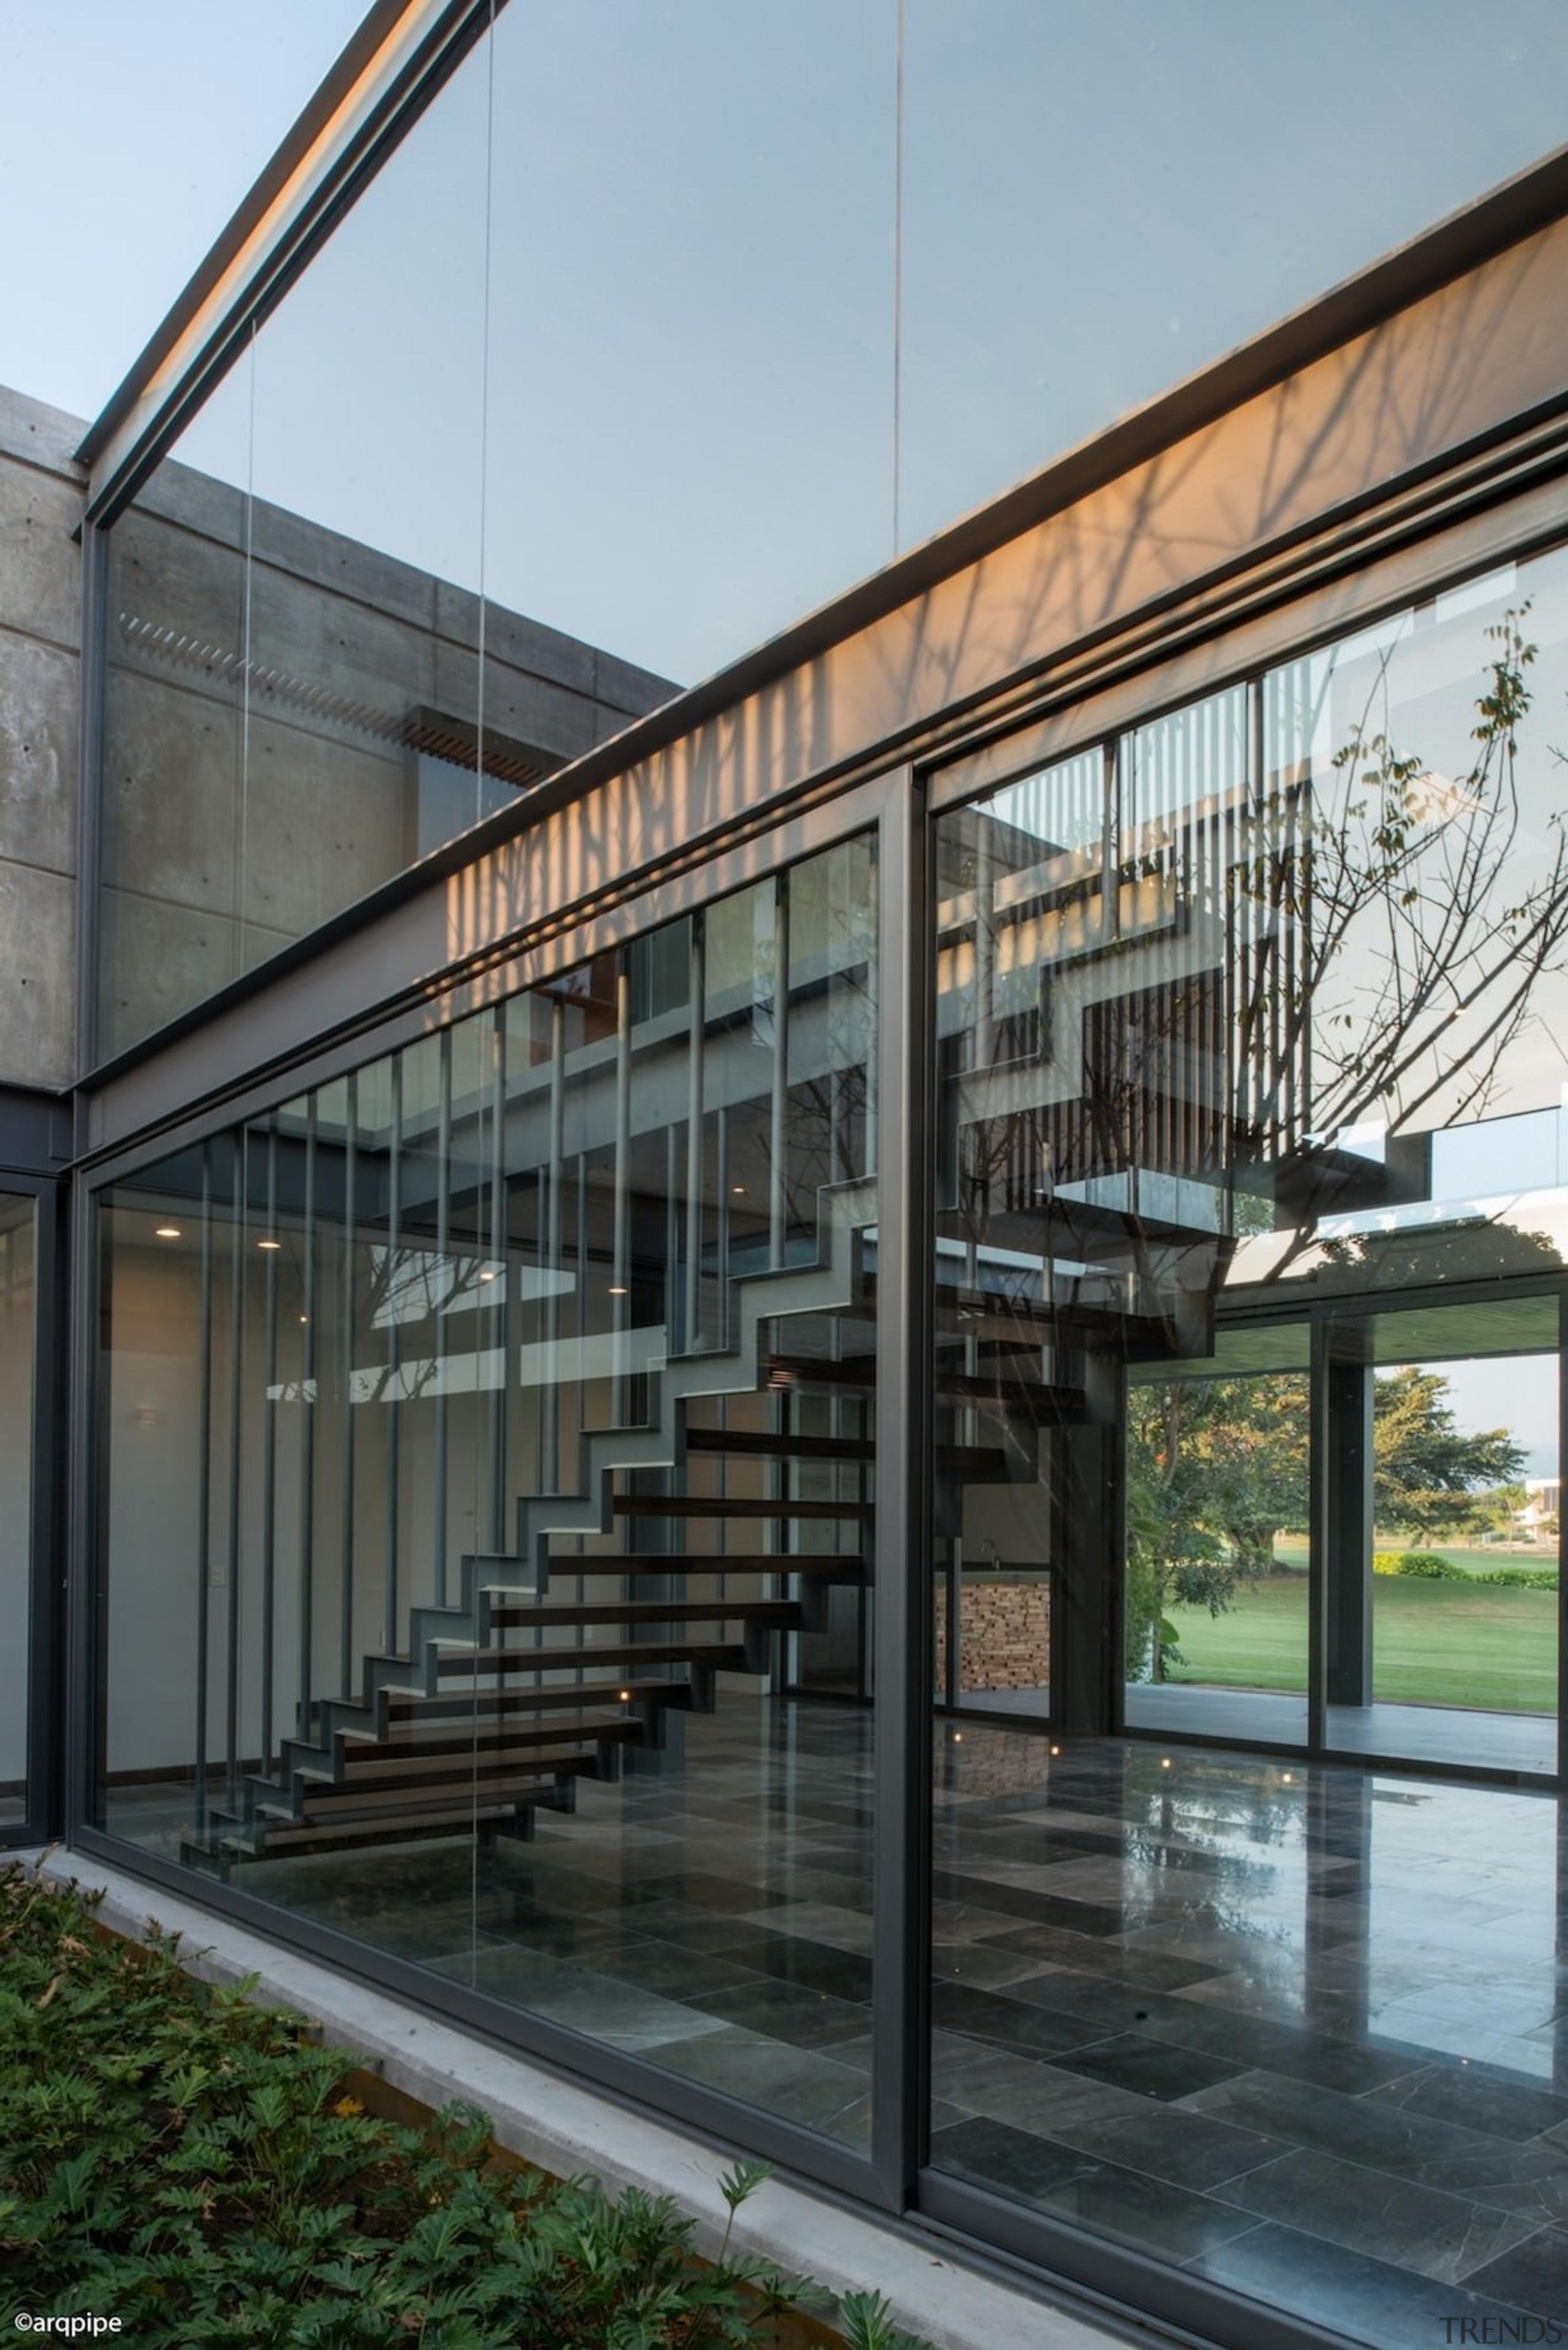 Colima home/Di Frenna Arquitectos - Colima home/Di Frenna architecture, building, condominium, facade, glass, house, gray, black